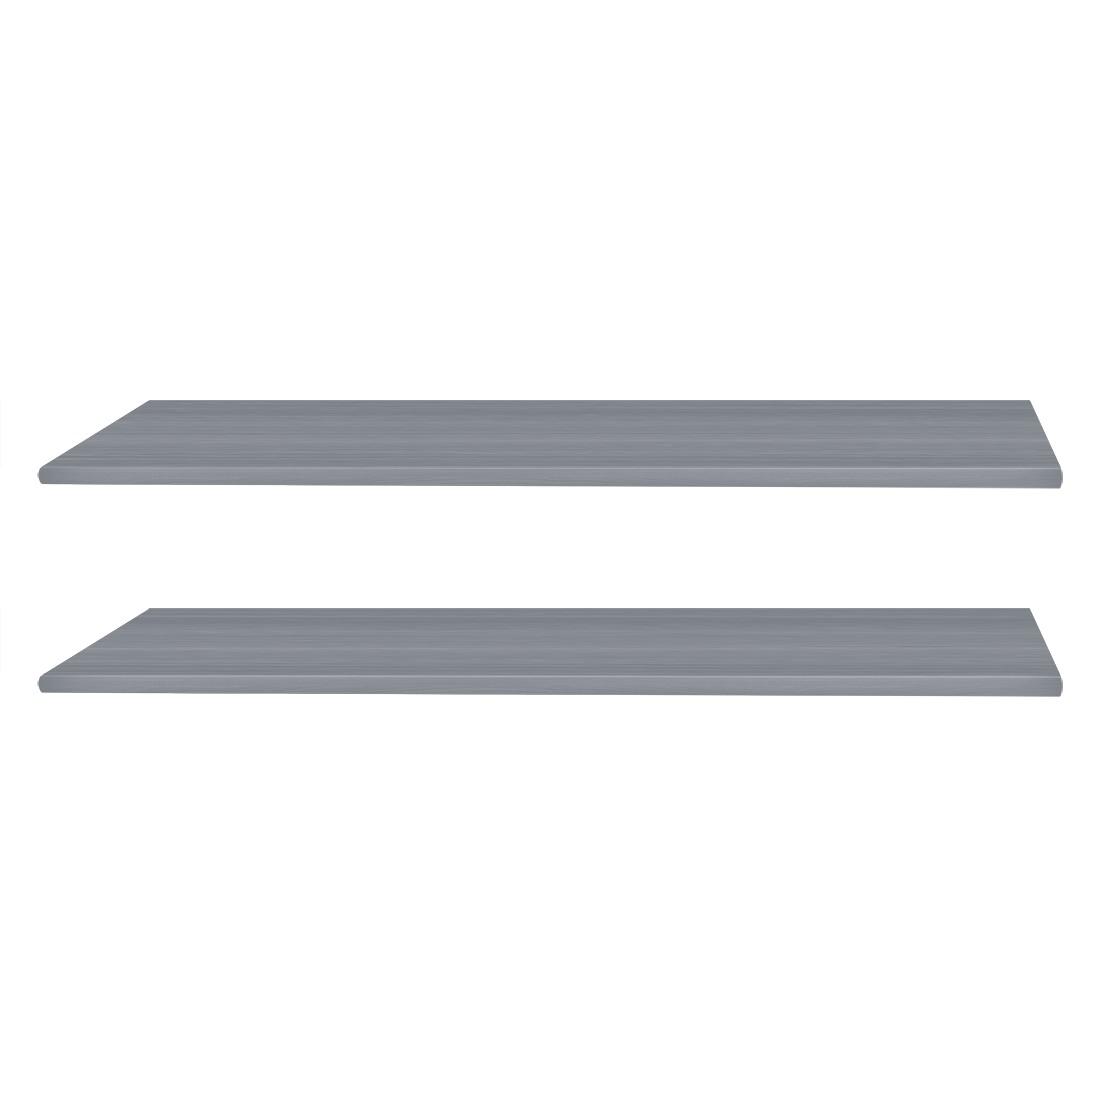 Einlegeboden (2er-Set) – Line-grey – 87 cm, Wimex online bestellen